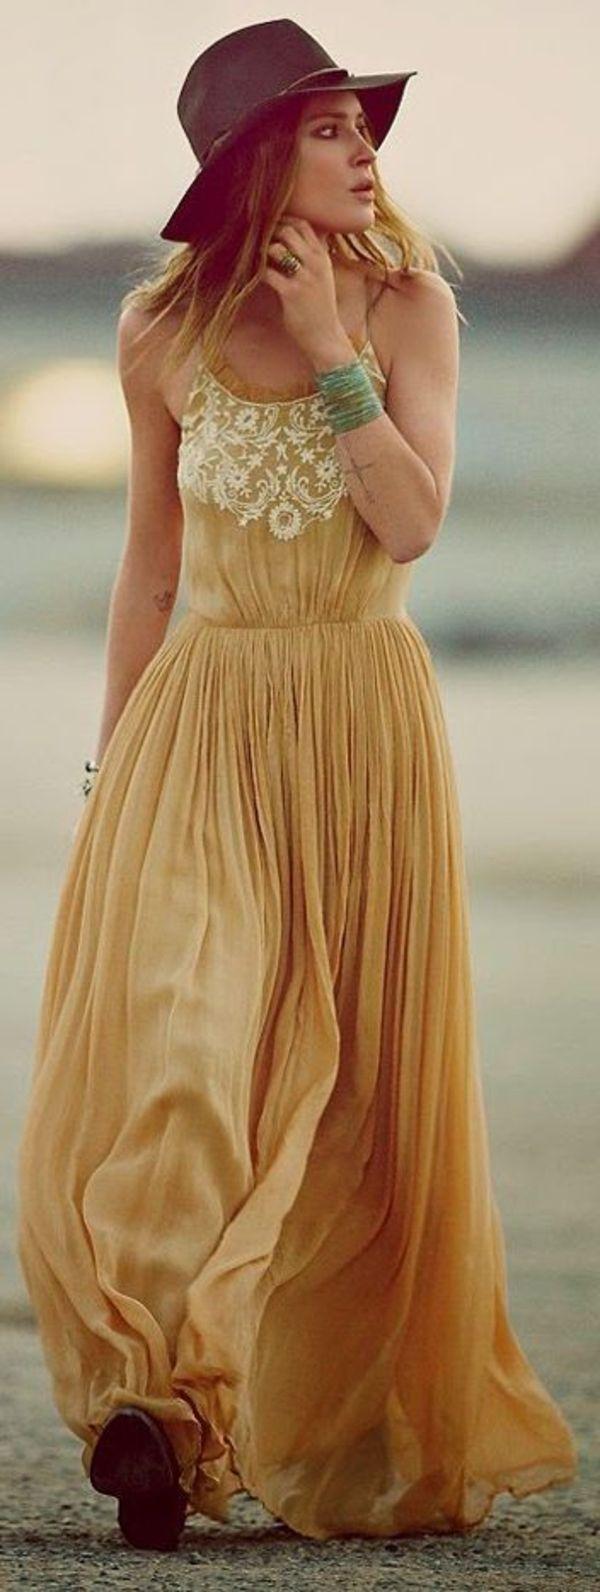 Célèbre Les 25 meilleures idées de la catégorie Robe jaune sur Pinterest  DG08